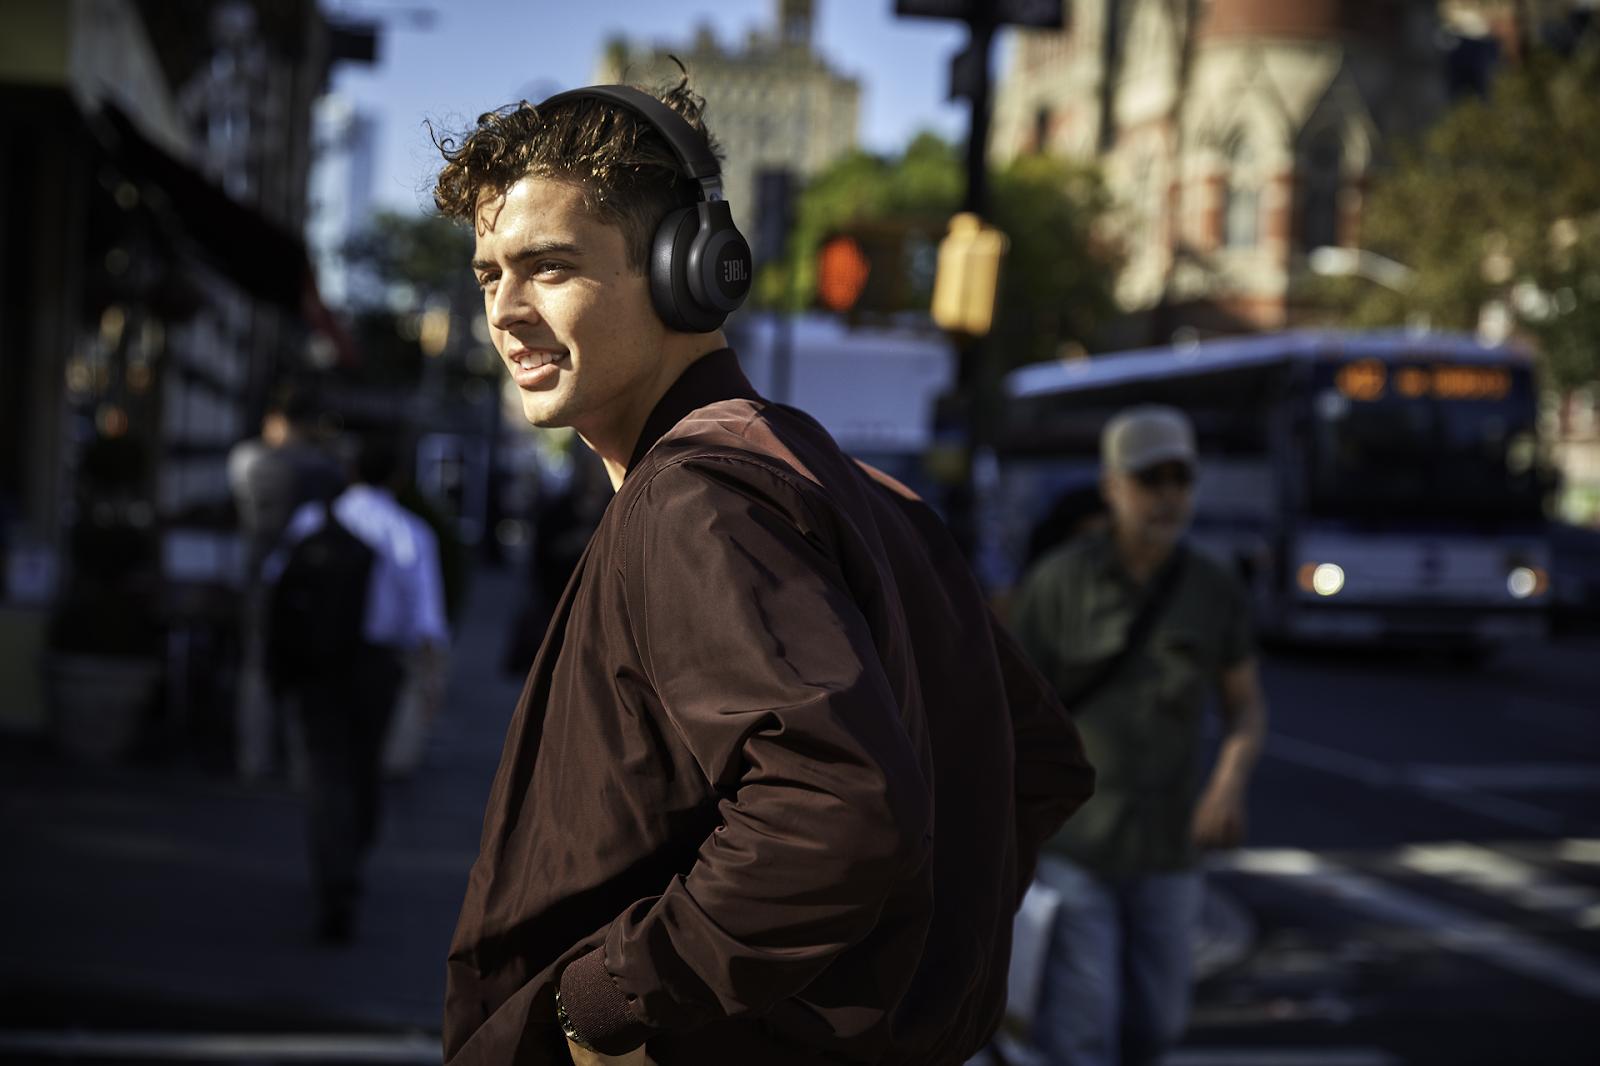 man walking down street wearing JBL wireless over the ear headphones